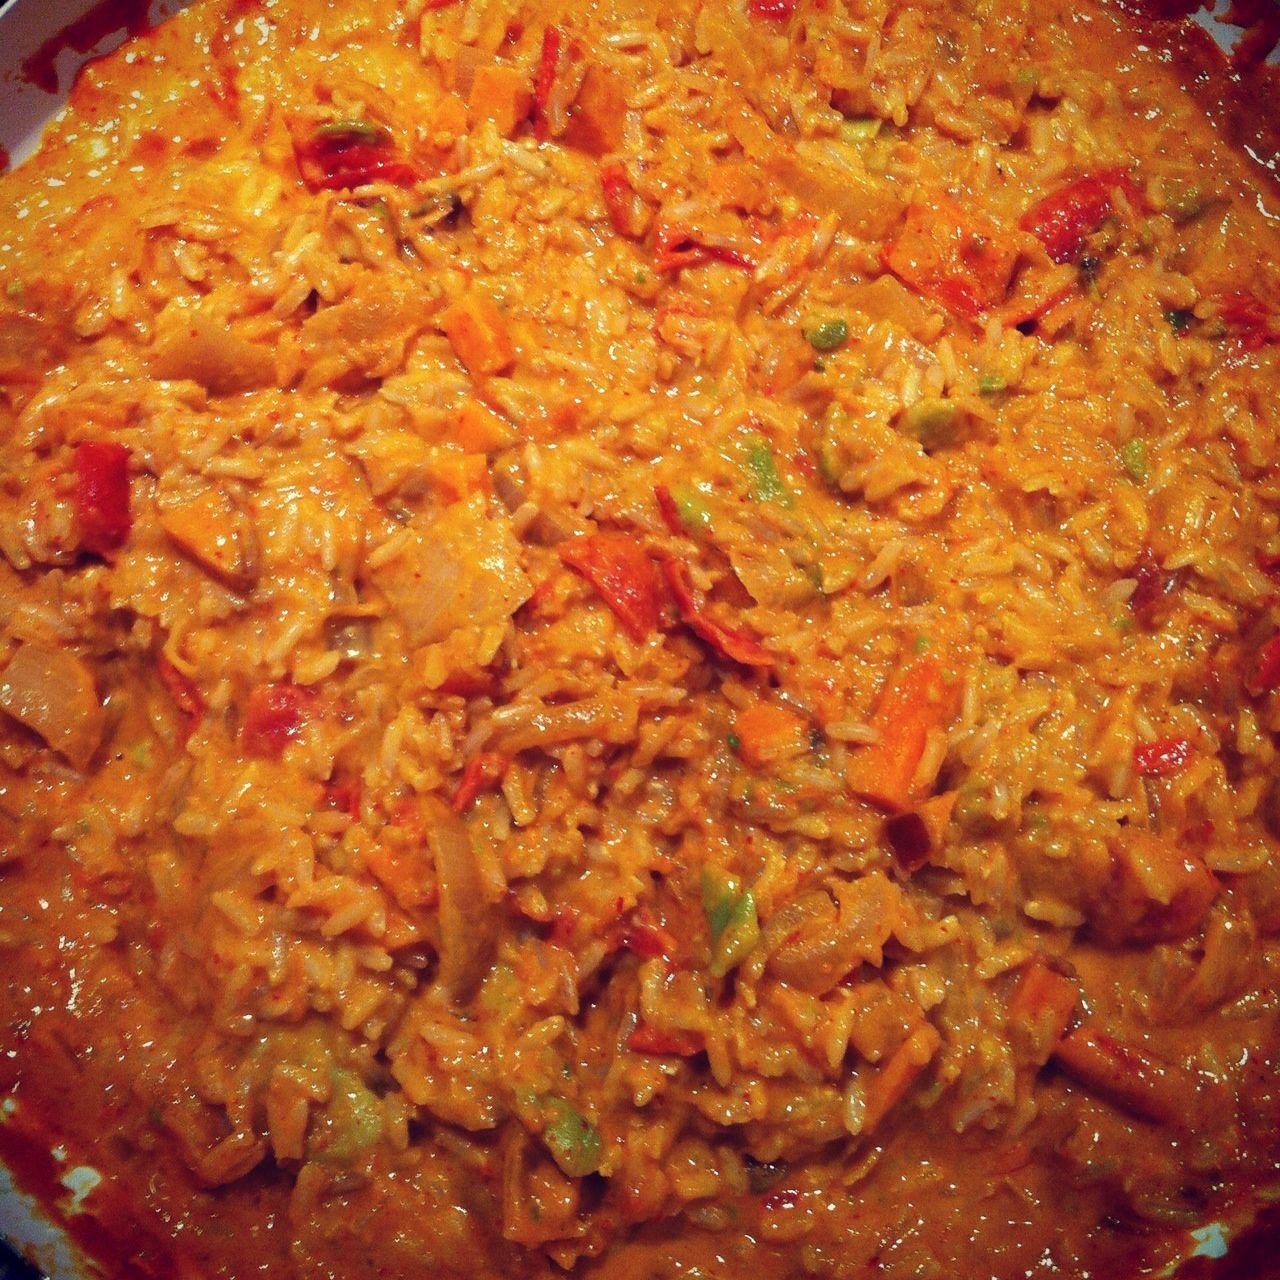 Heerlijk curry voor wie van pittig eten houdt! Heel makkelijk te maken en het is best wel snel klaar, deze currypasta bevat geen e-nummmers en is van het merk On Off Spices. Ingrediënten voor4-6 p...